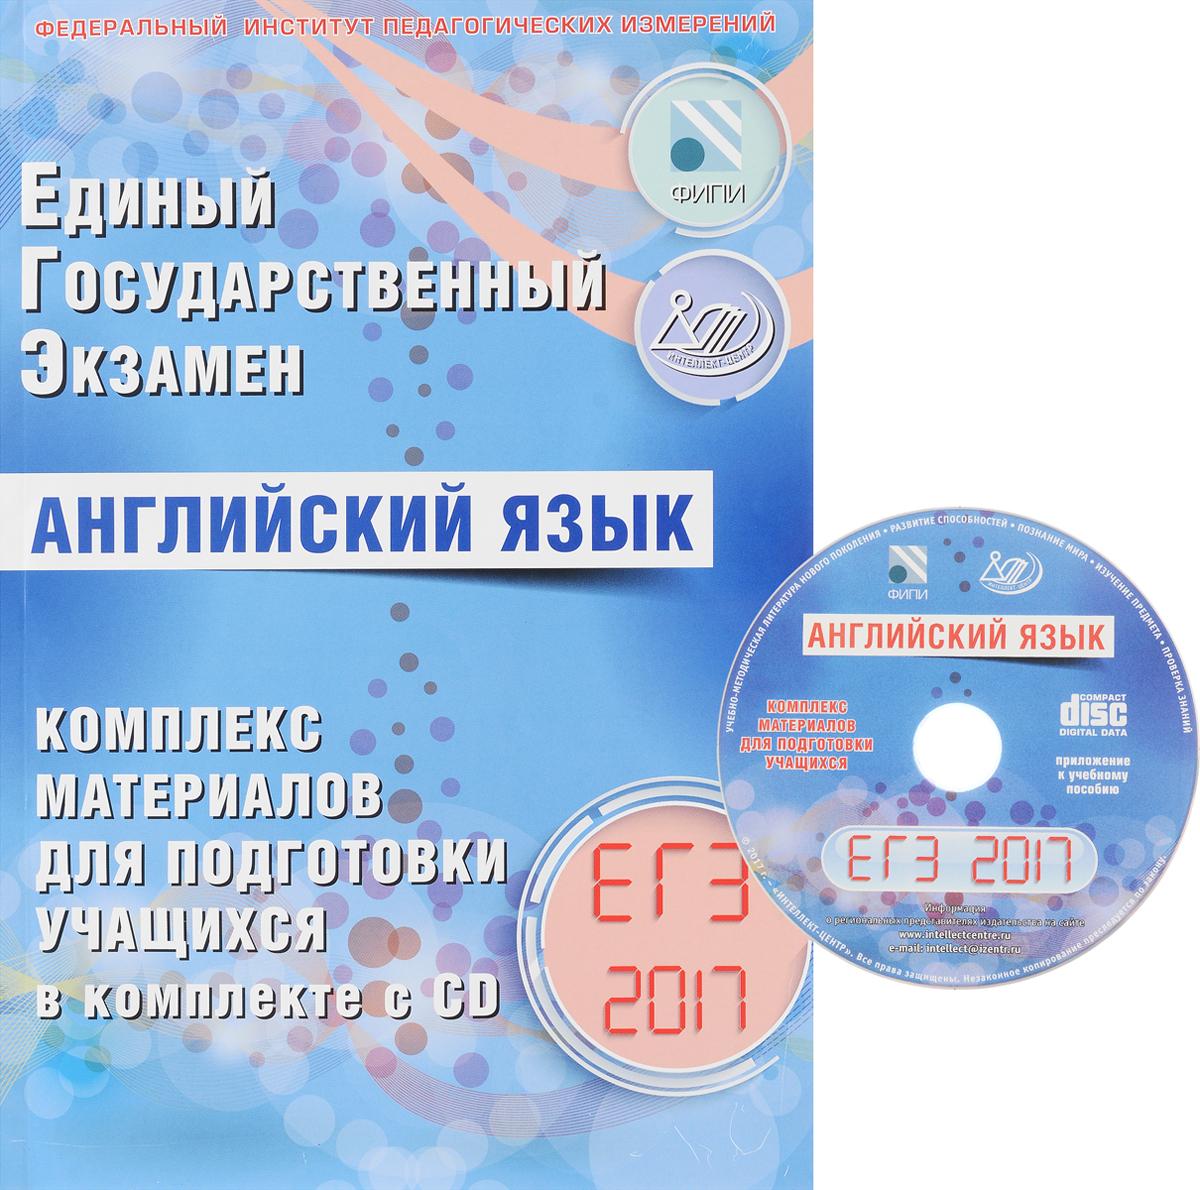 ЕГЭ 2017. Английский язык. Комплекс материалов для подготовки учащихся (+ CD)